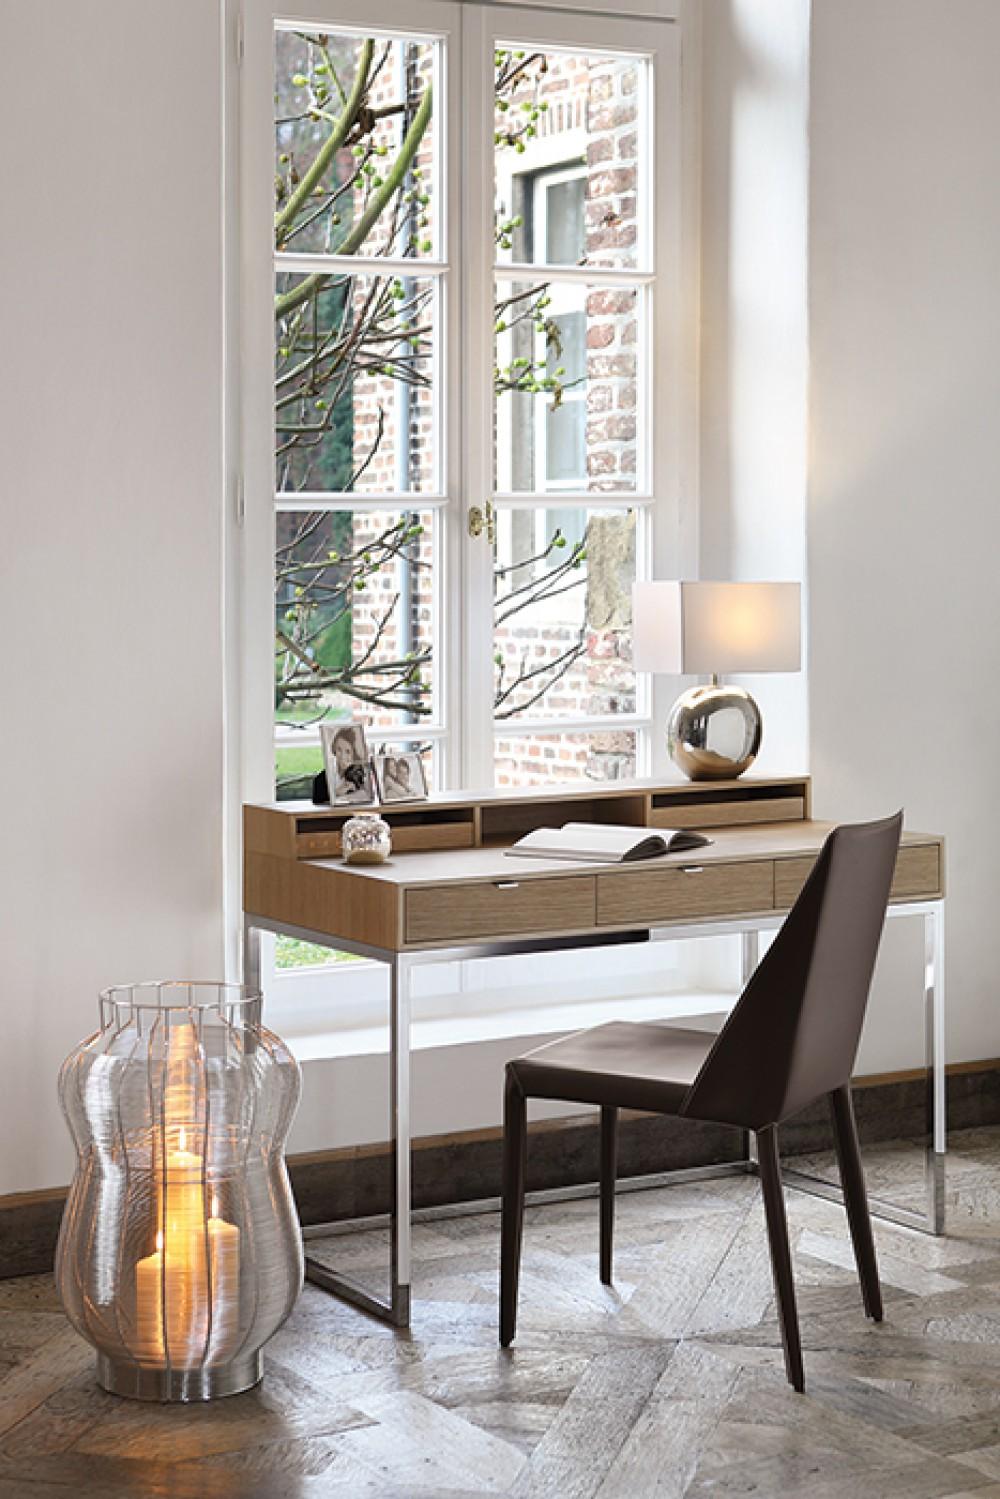 Sekretär Eiche Natur, Schreibtisch verchromt, Tisch modern